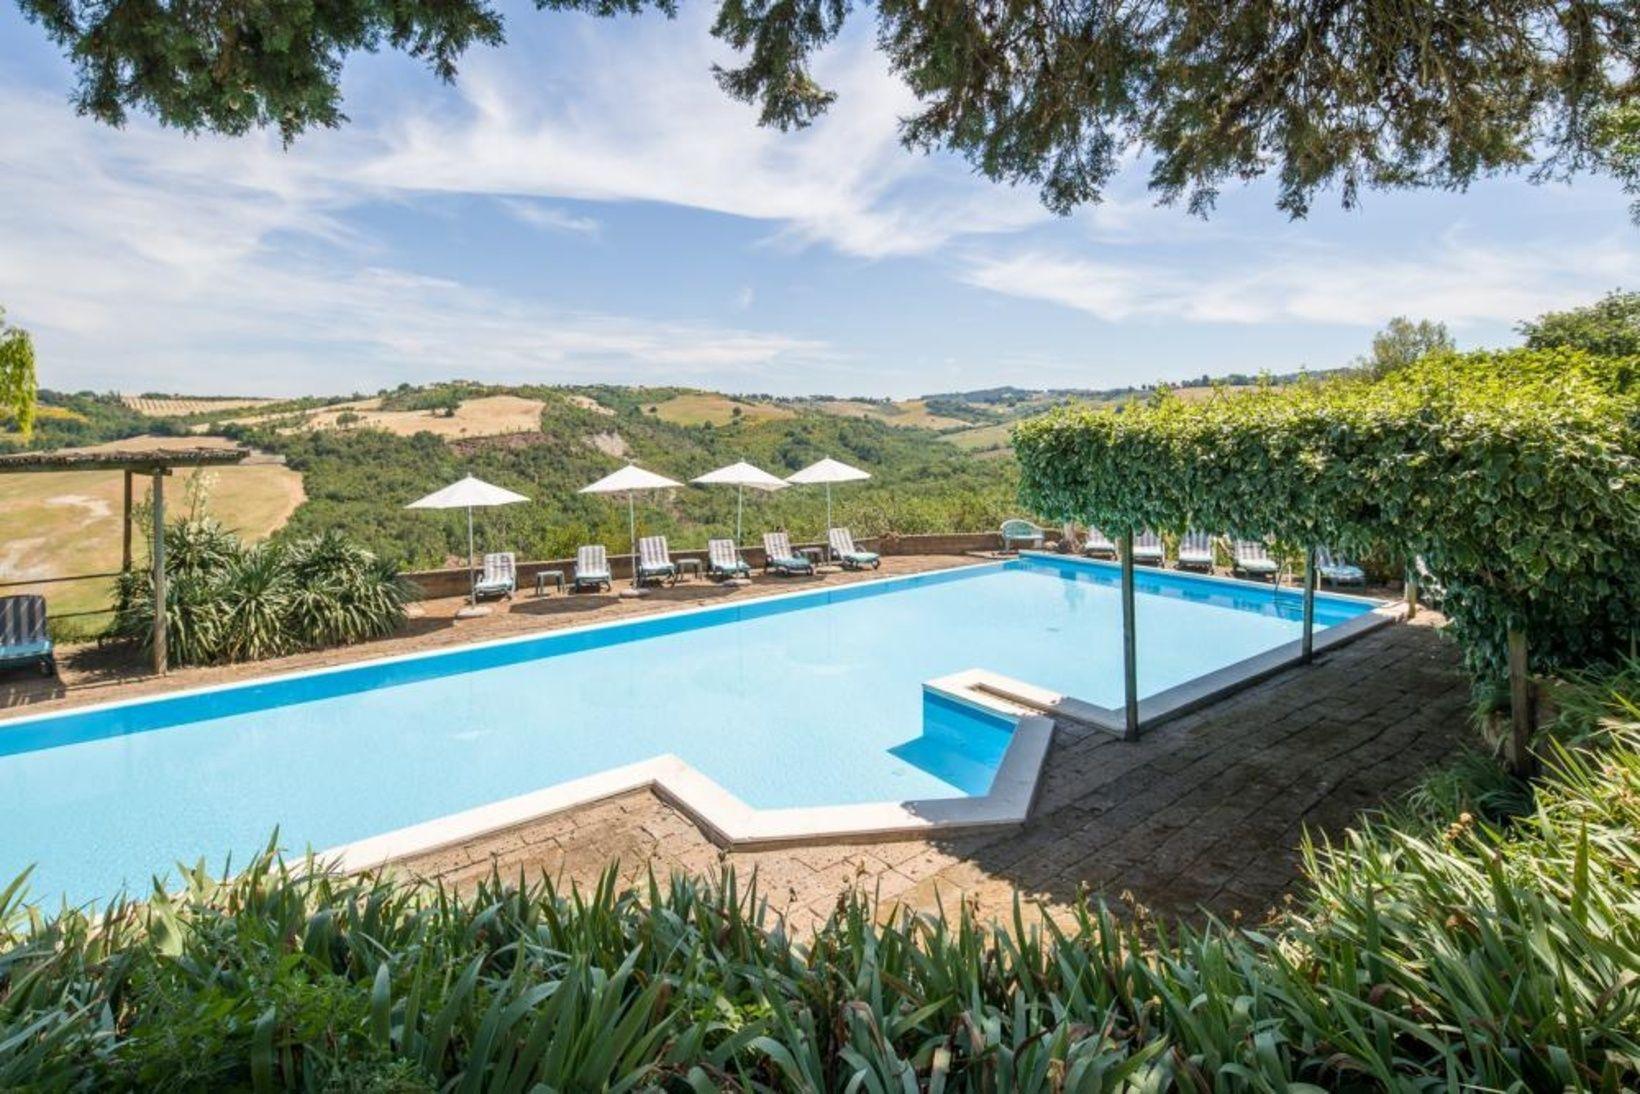 Kaufe In Der Toskana Wunderschones Landhotel Mit Einem Traumhaften Panoramablick Kaufpreis Wurde Auf 2 300 000 Euro Real Estate Buying Tuscany Tuscany Italy